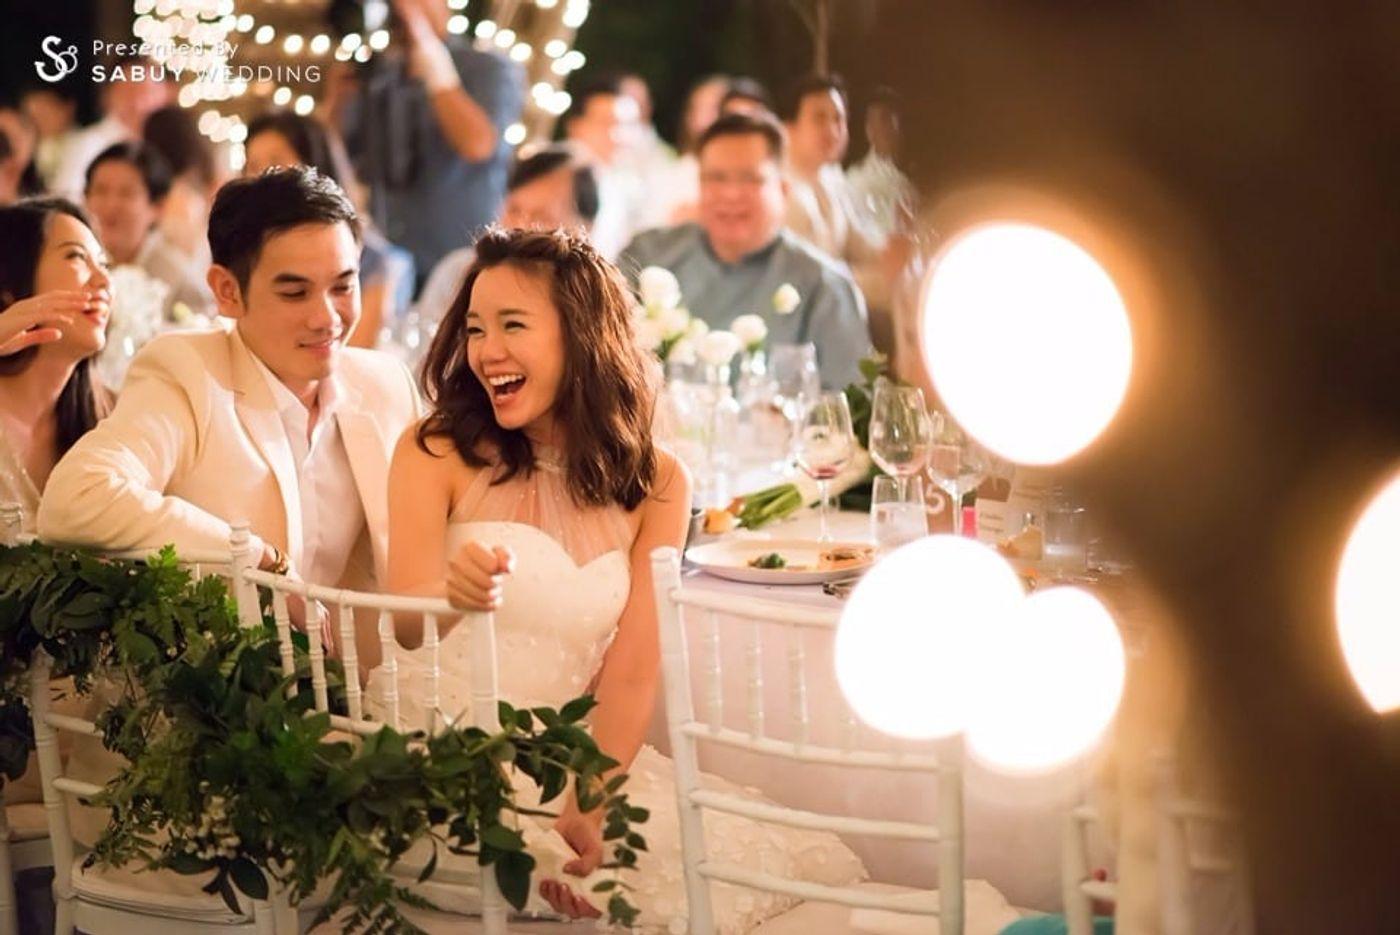 บ่าวสาว,ชุดบ่าวสาว,รูปงานแต่ง,long-table รีวิวงานแต่งอิ่มใจไปกับงานหมั้นล้านนา ปิดท้าย Sit-down dinner ประดับไฟแสนสวยในสวนหลังบ้าน